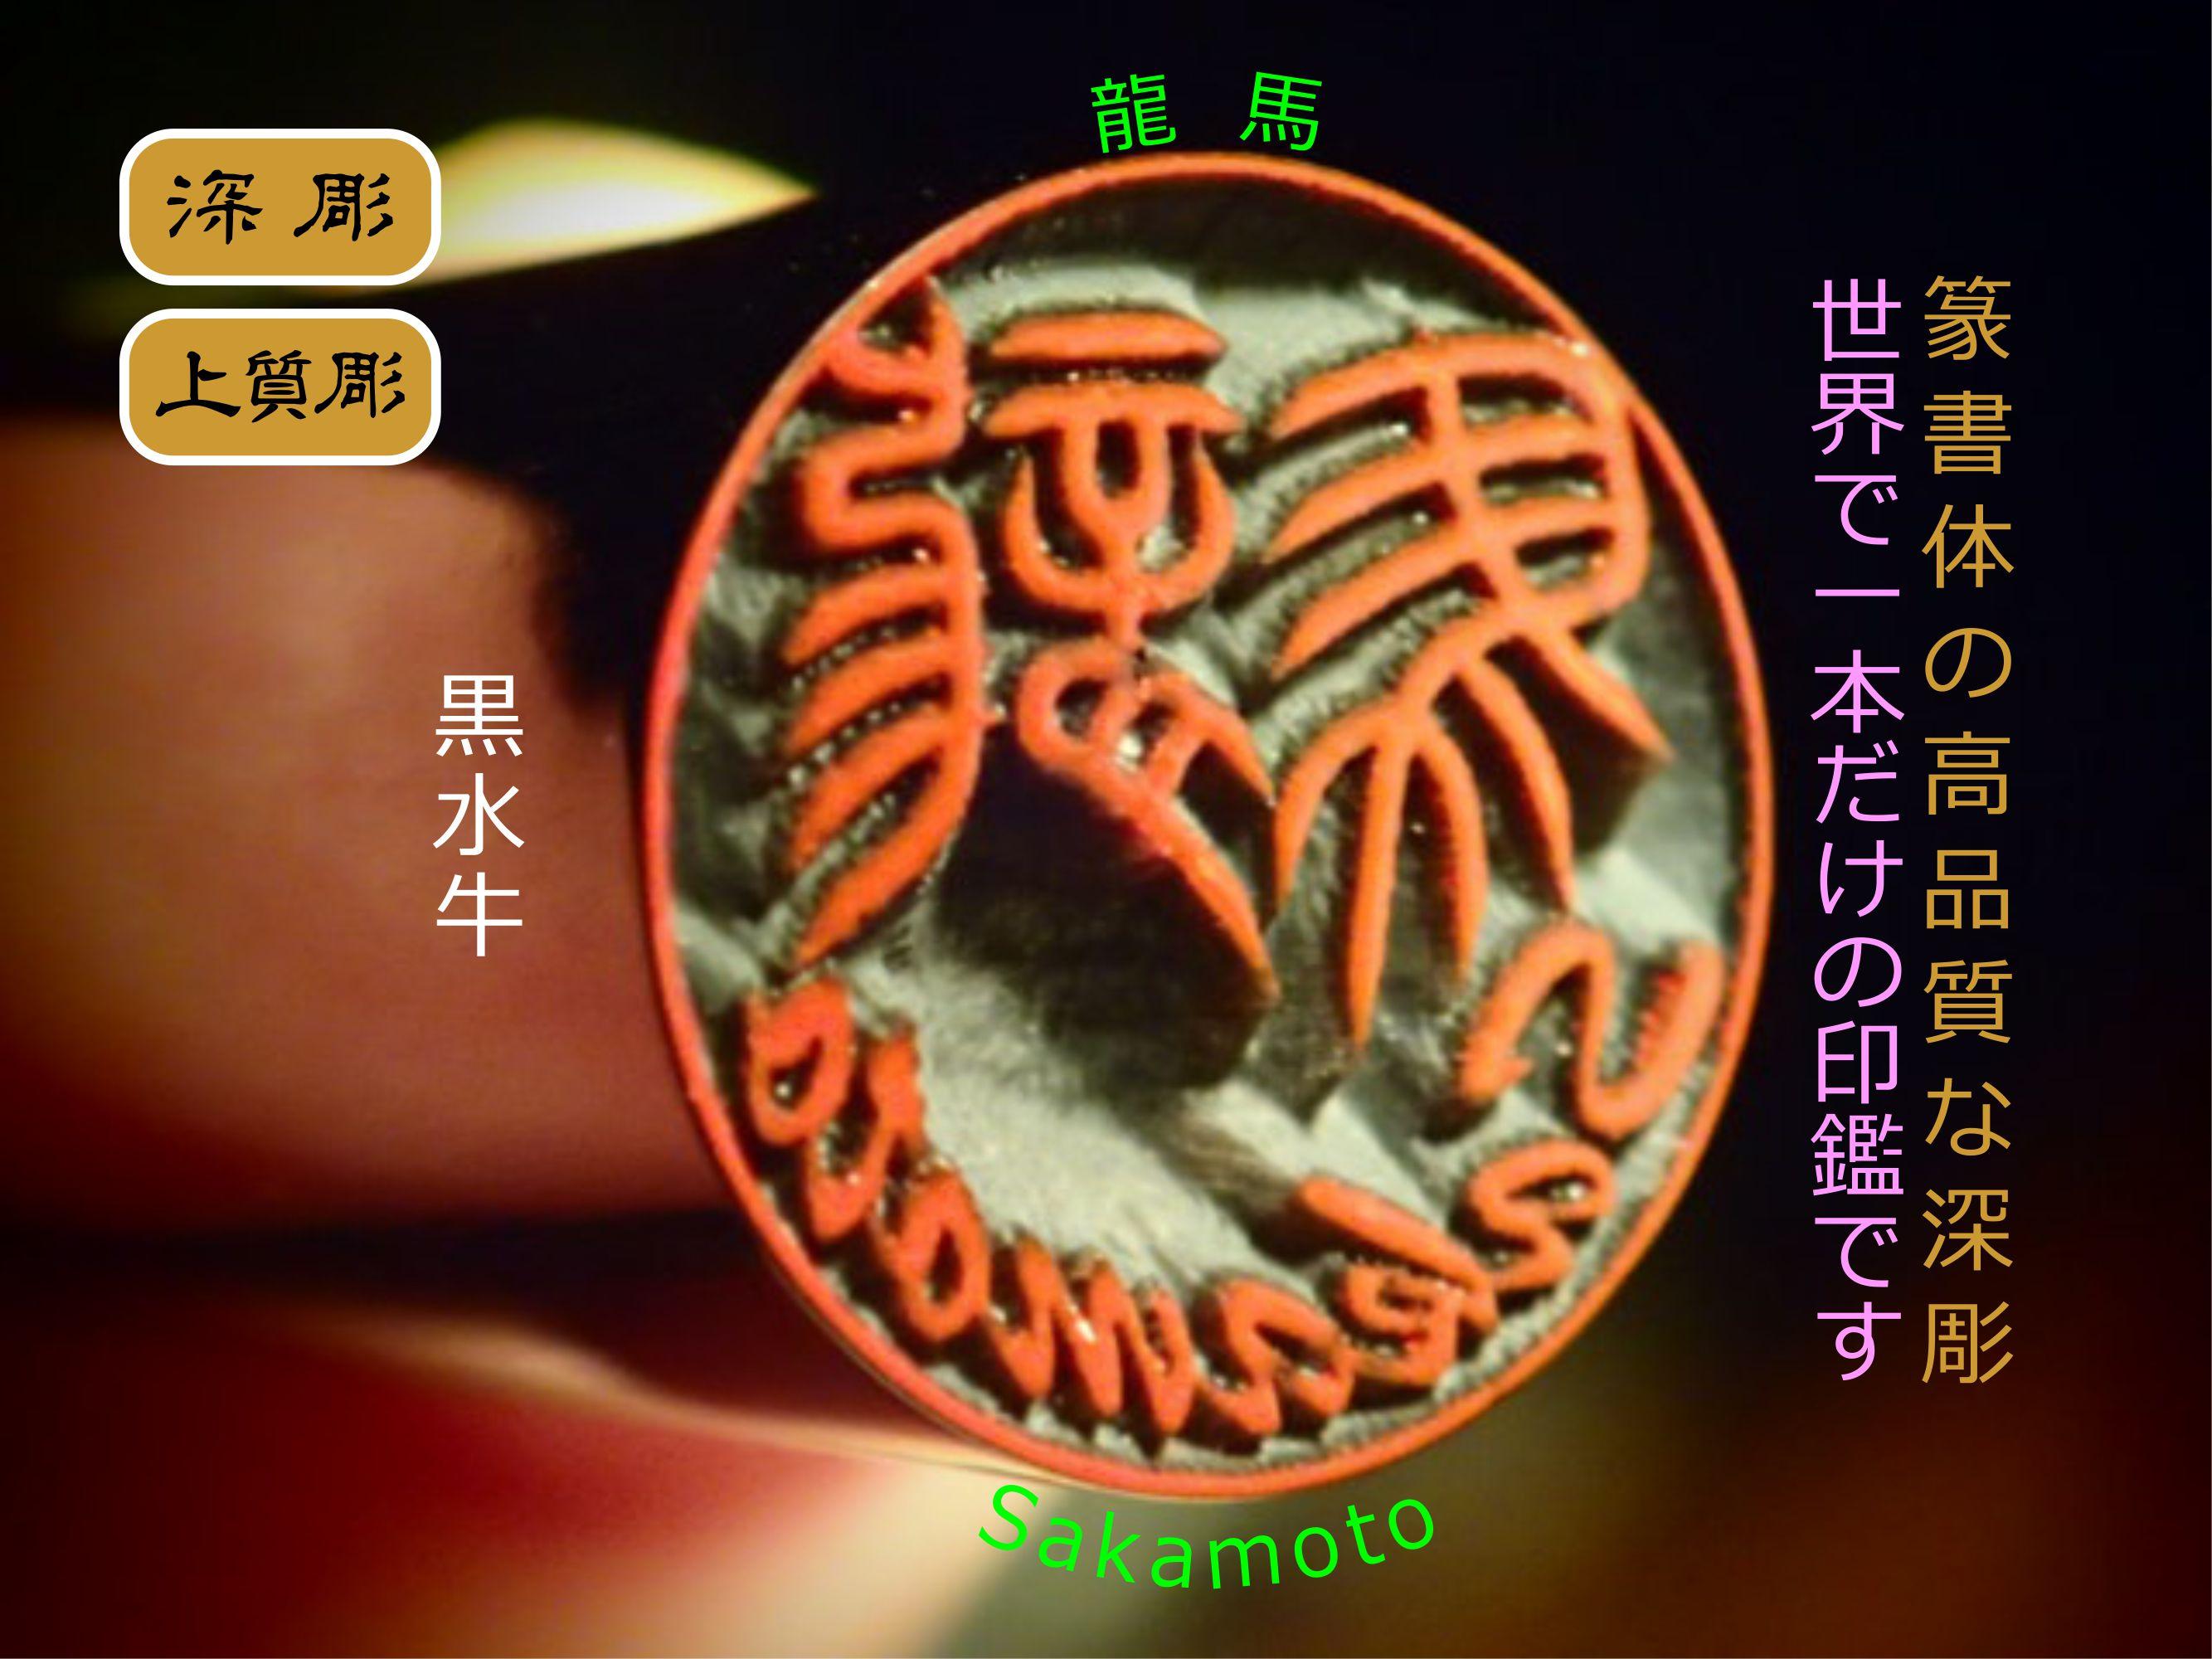 龍馬 Sakamoto 上質深彫